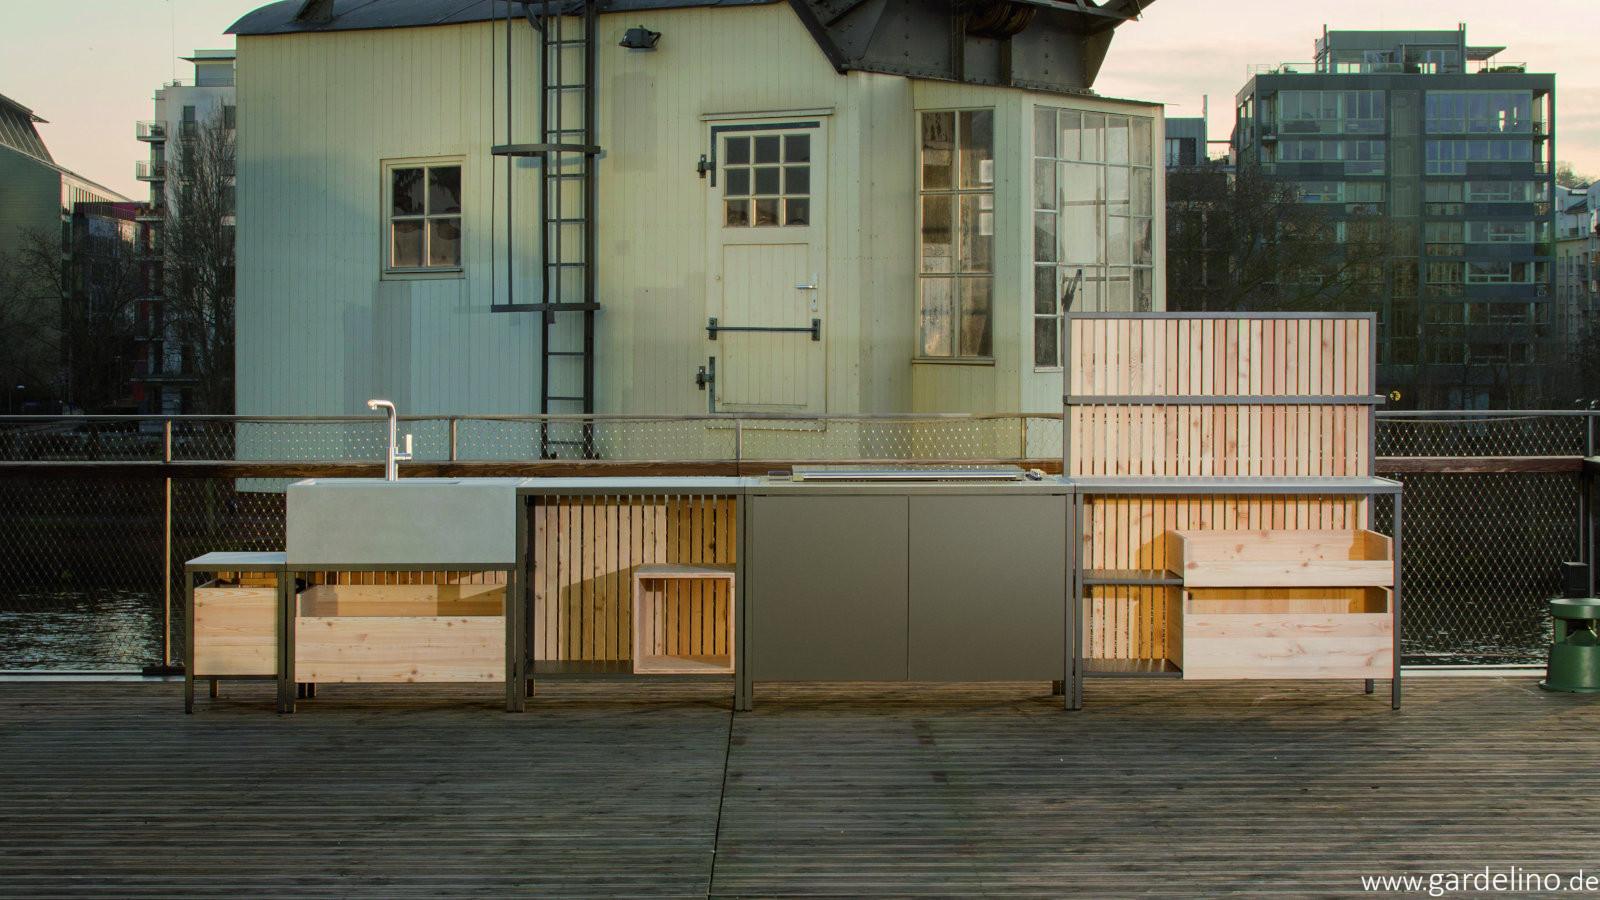 Outdoor Küche Kaufmann : Kaufmann grillkitchen block t bone aussenküche outdoorküche